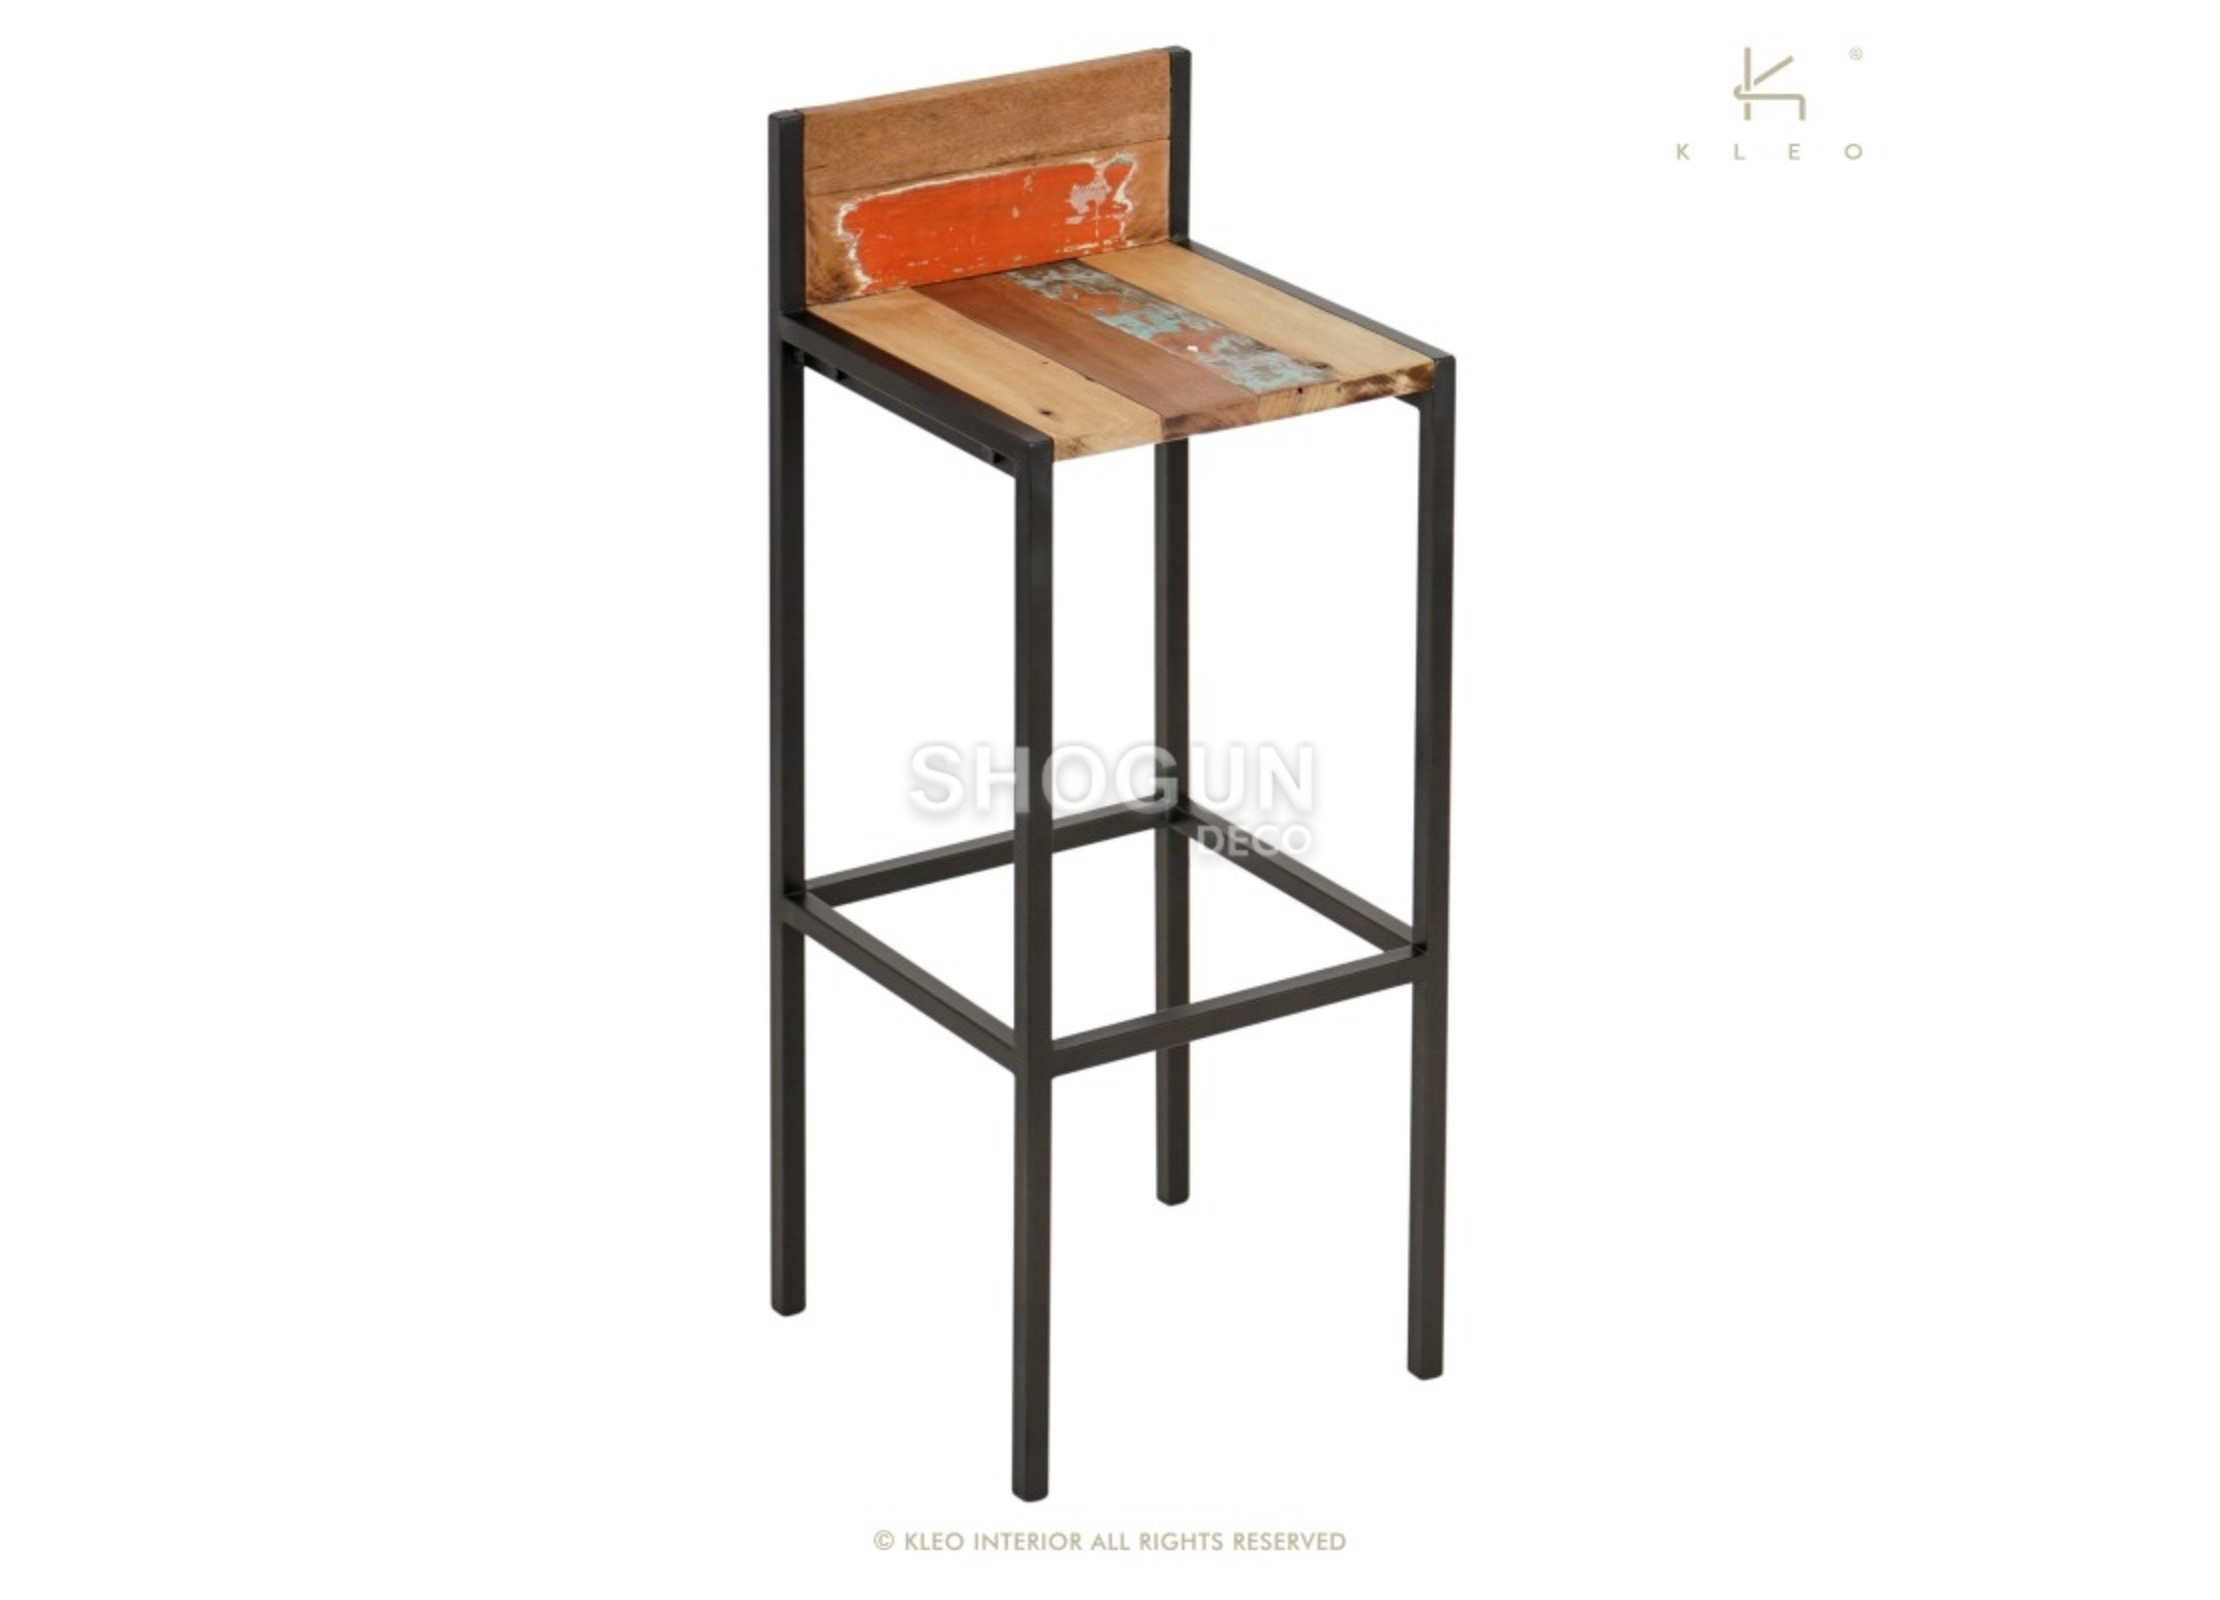 tabouret de baredito avec dossier h95cm. Black Bedroom Furniture Sets. Home Design Ideas